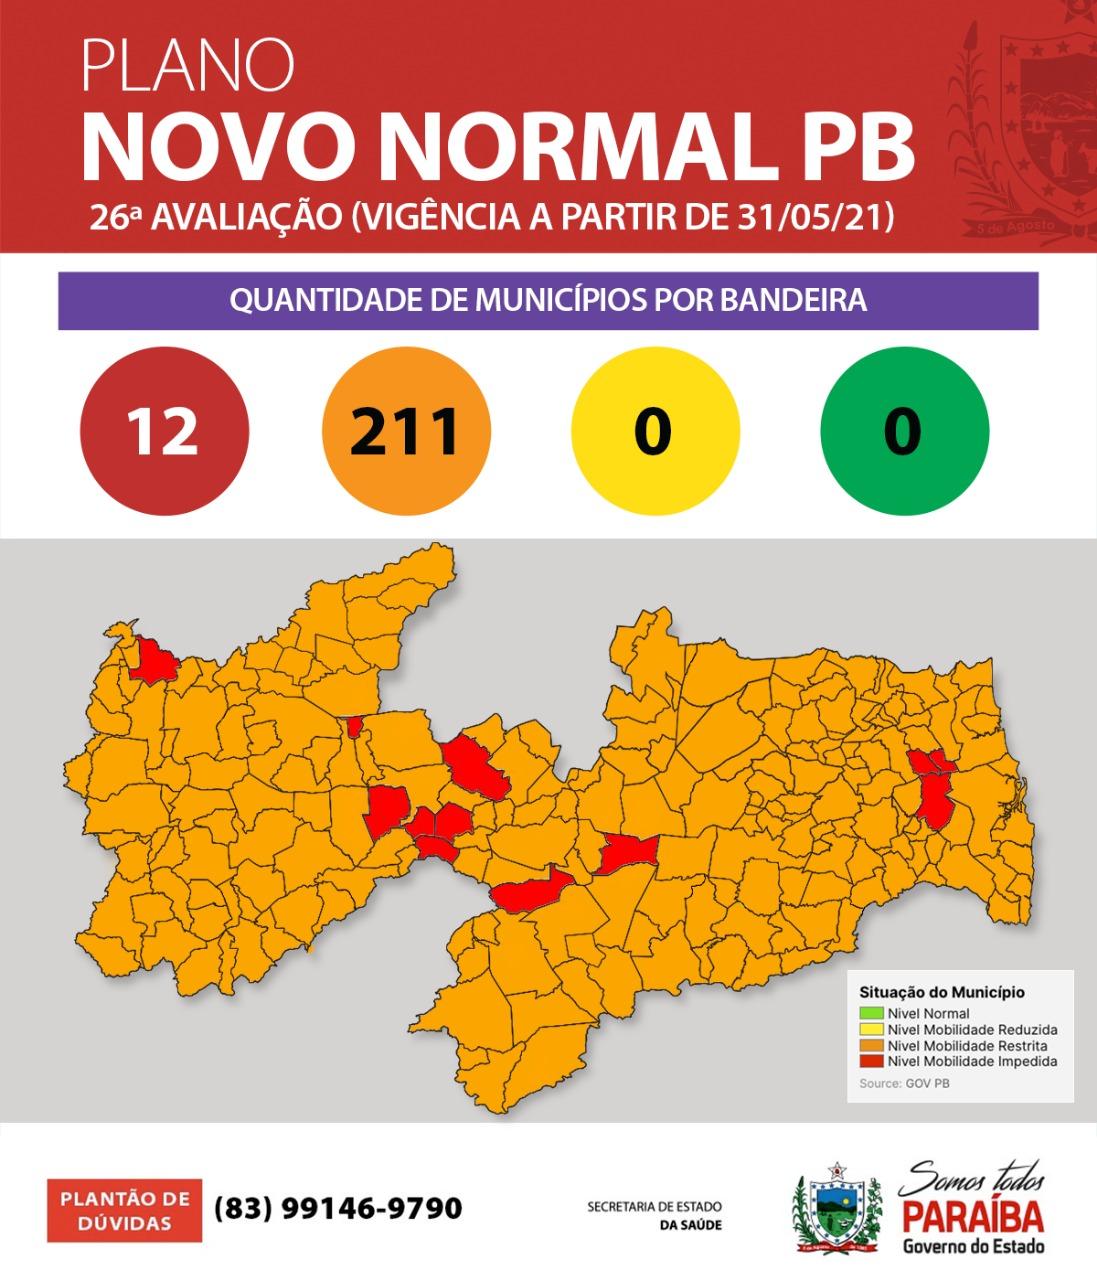 172e460c 901c e27e be7a aca86938420b - Município de Uiraúna continua em bandeira vermelha na 26ª avaliação do Plano Novo Normal;VEJA